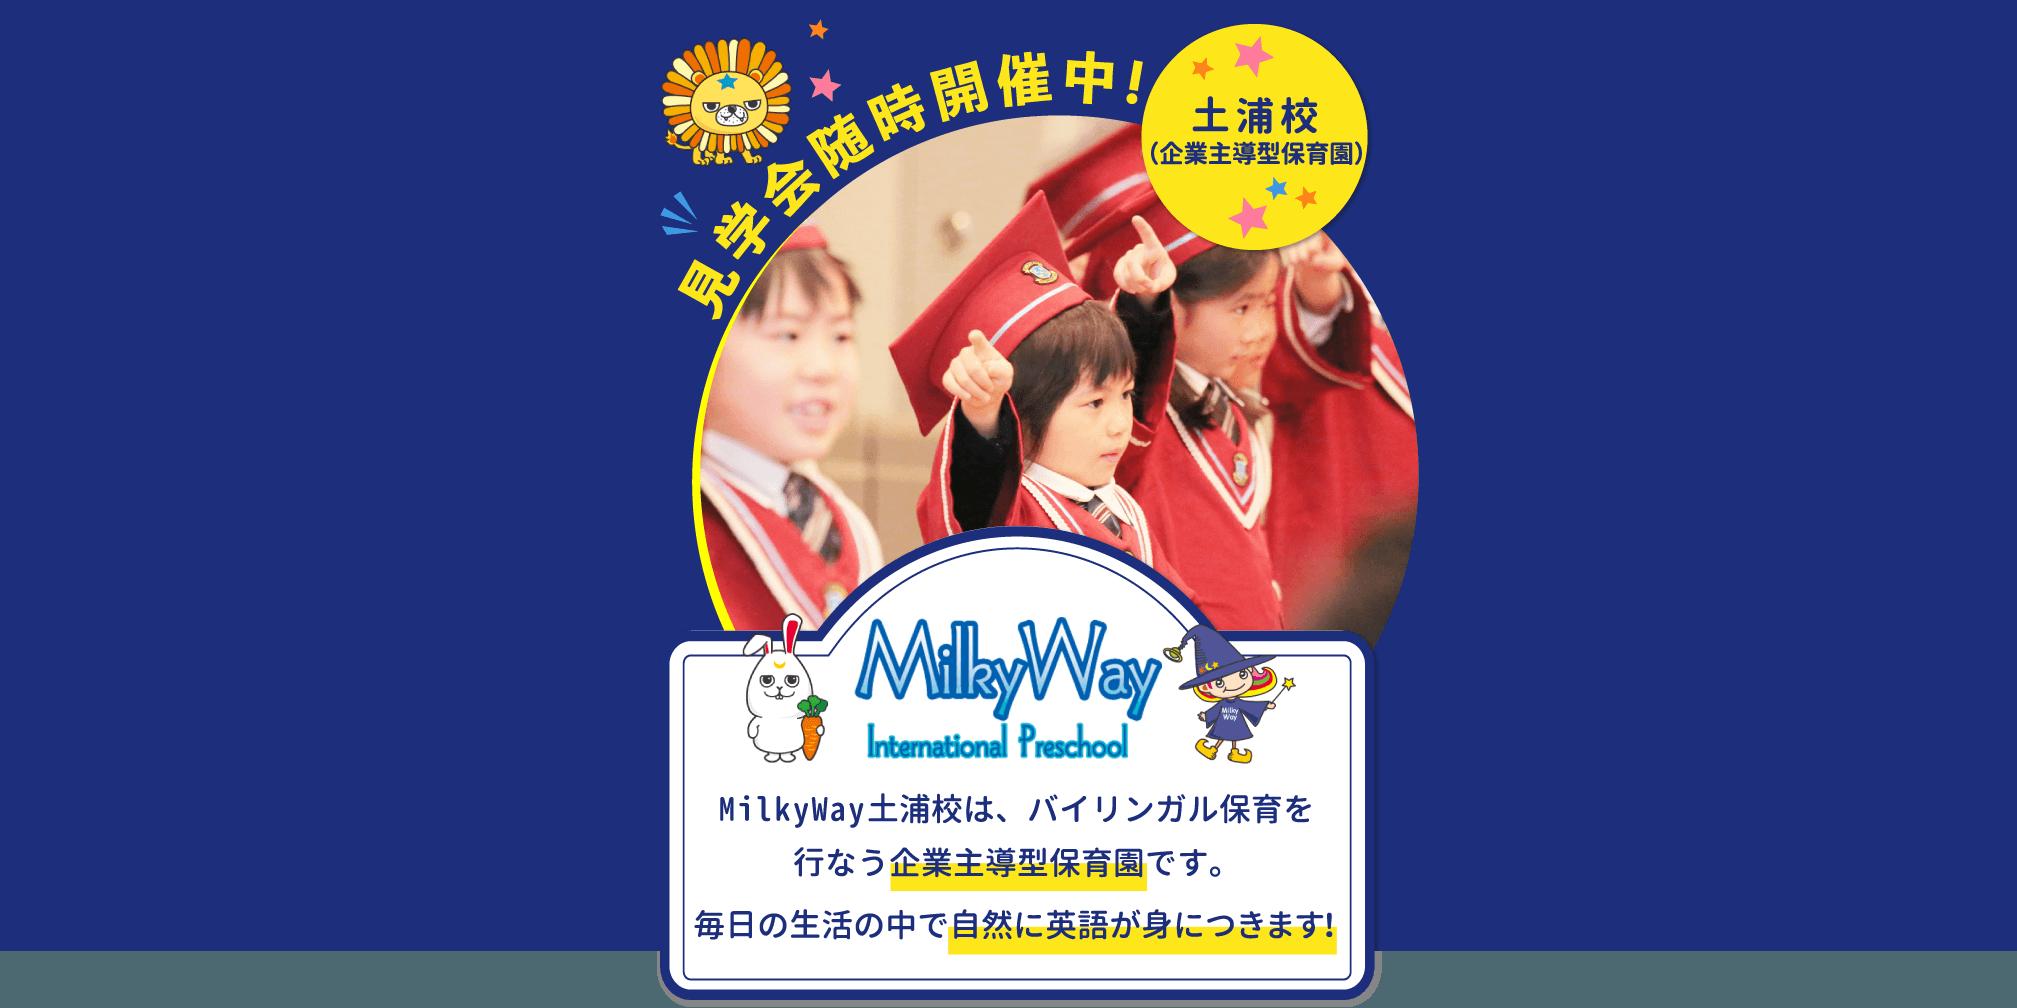 Milky Way 土浦校 見学会開催中